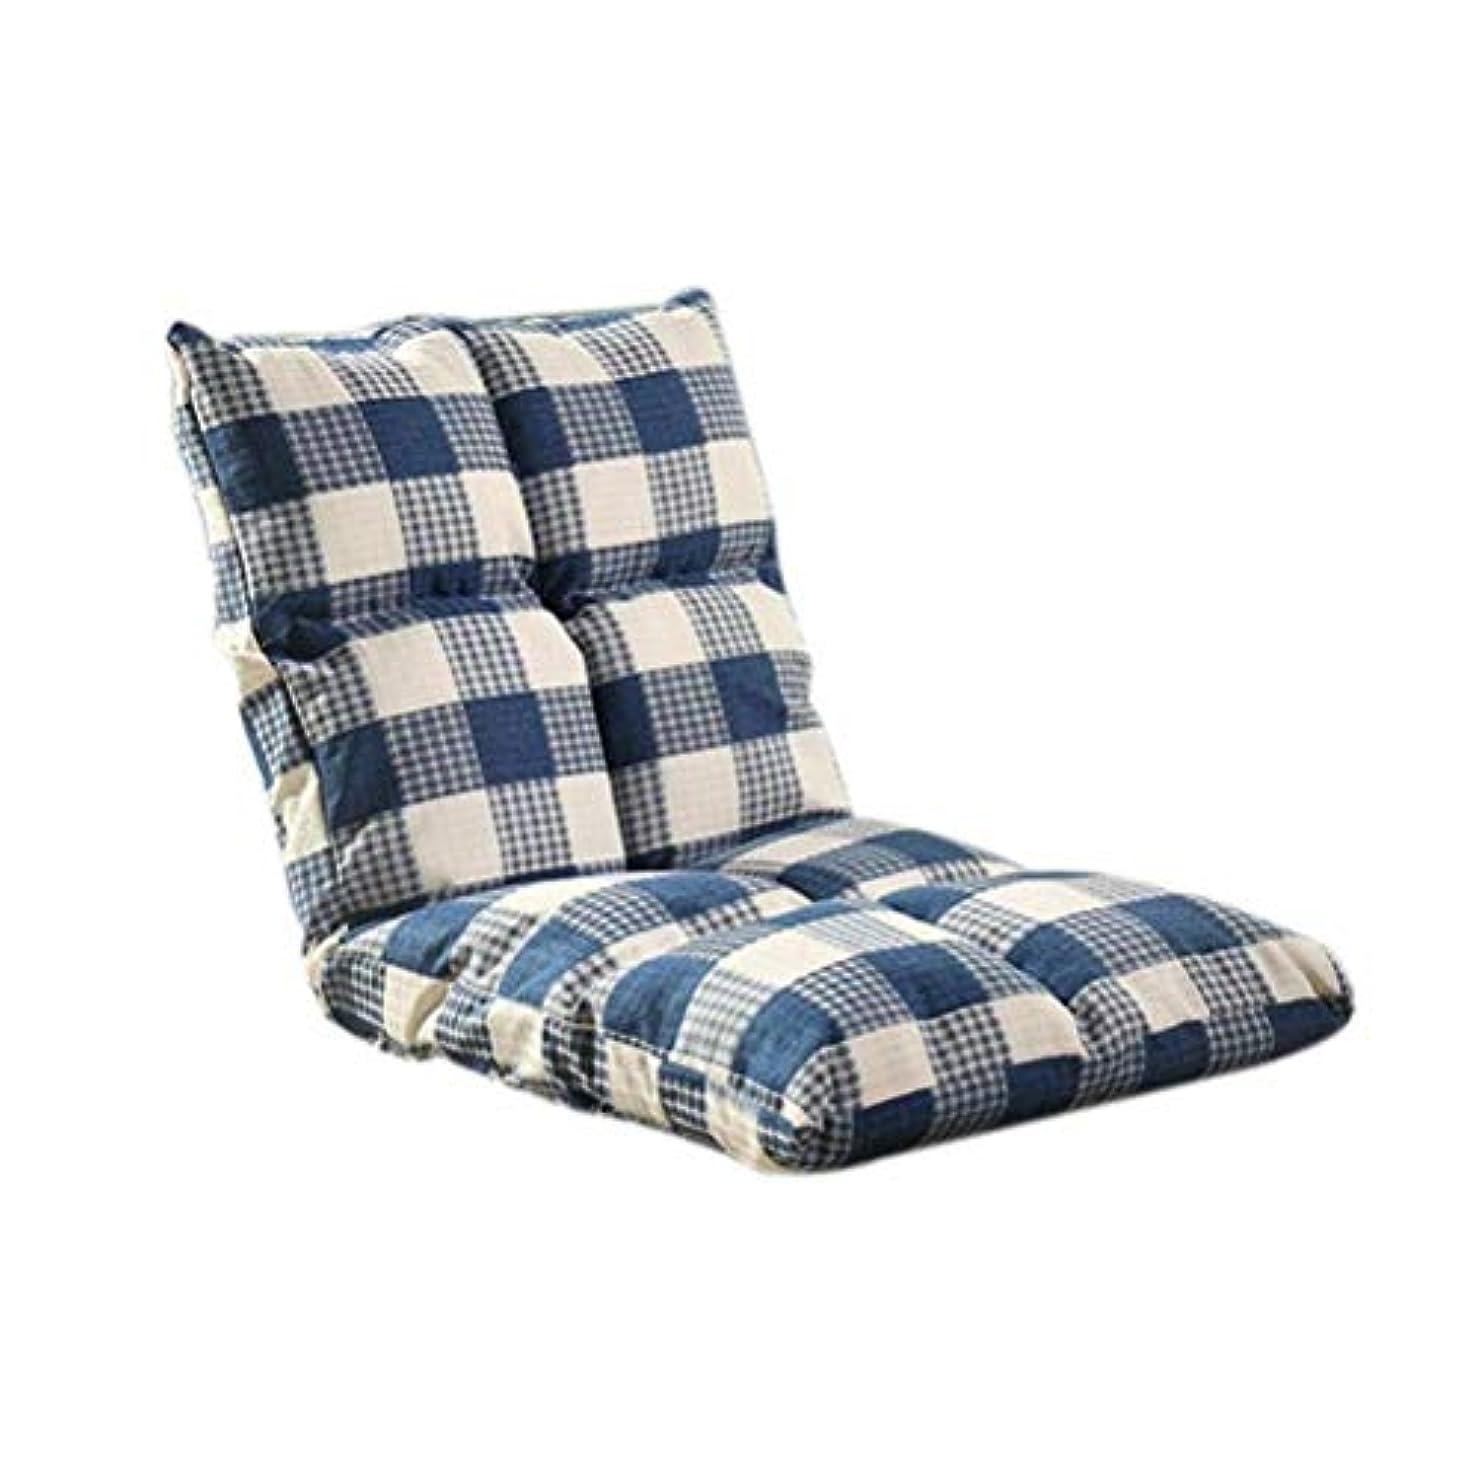 コメンテーター破壊花火瞑想椅子、折りたたみ椅子、調節可能な椅子、畳シングルチェア、背もたれ付きのベッドルームベイウィンドウ日本の椅子、怠zyなソファゲームチェア (Color : 濃紺)